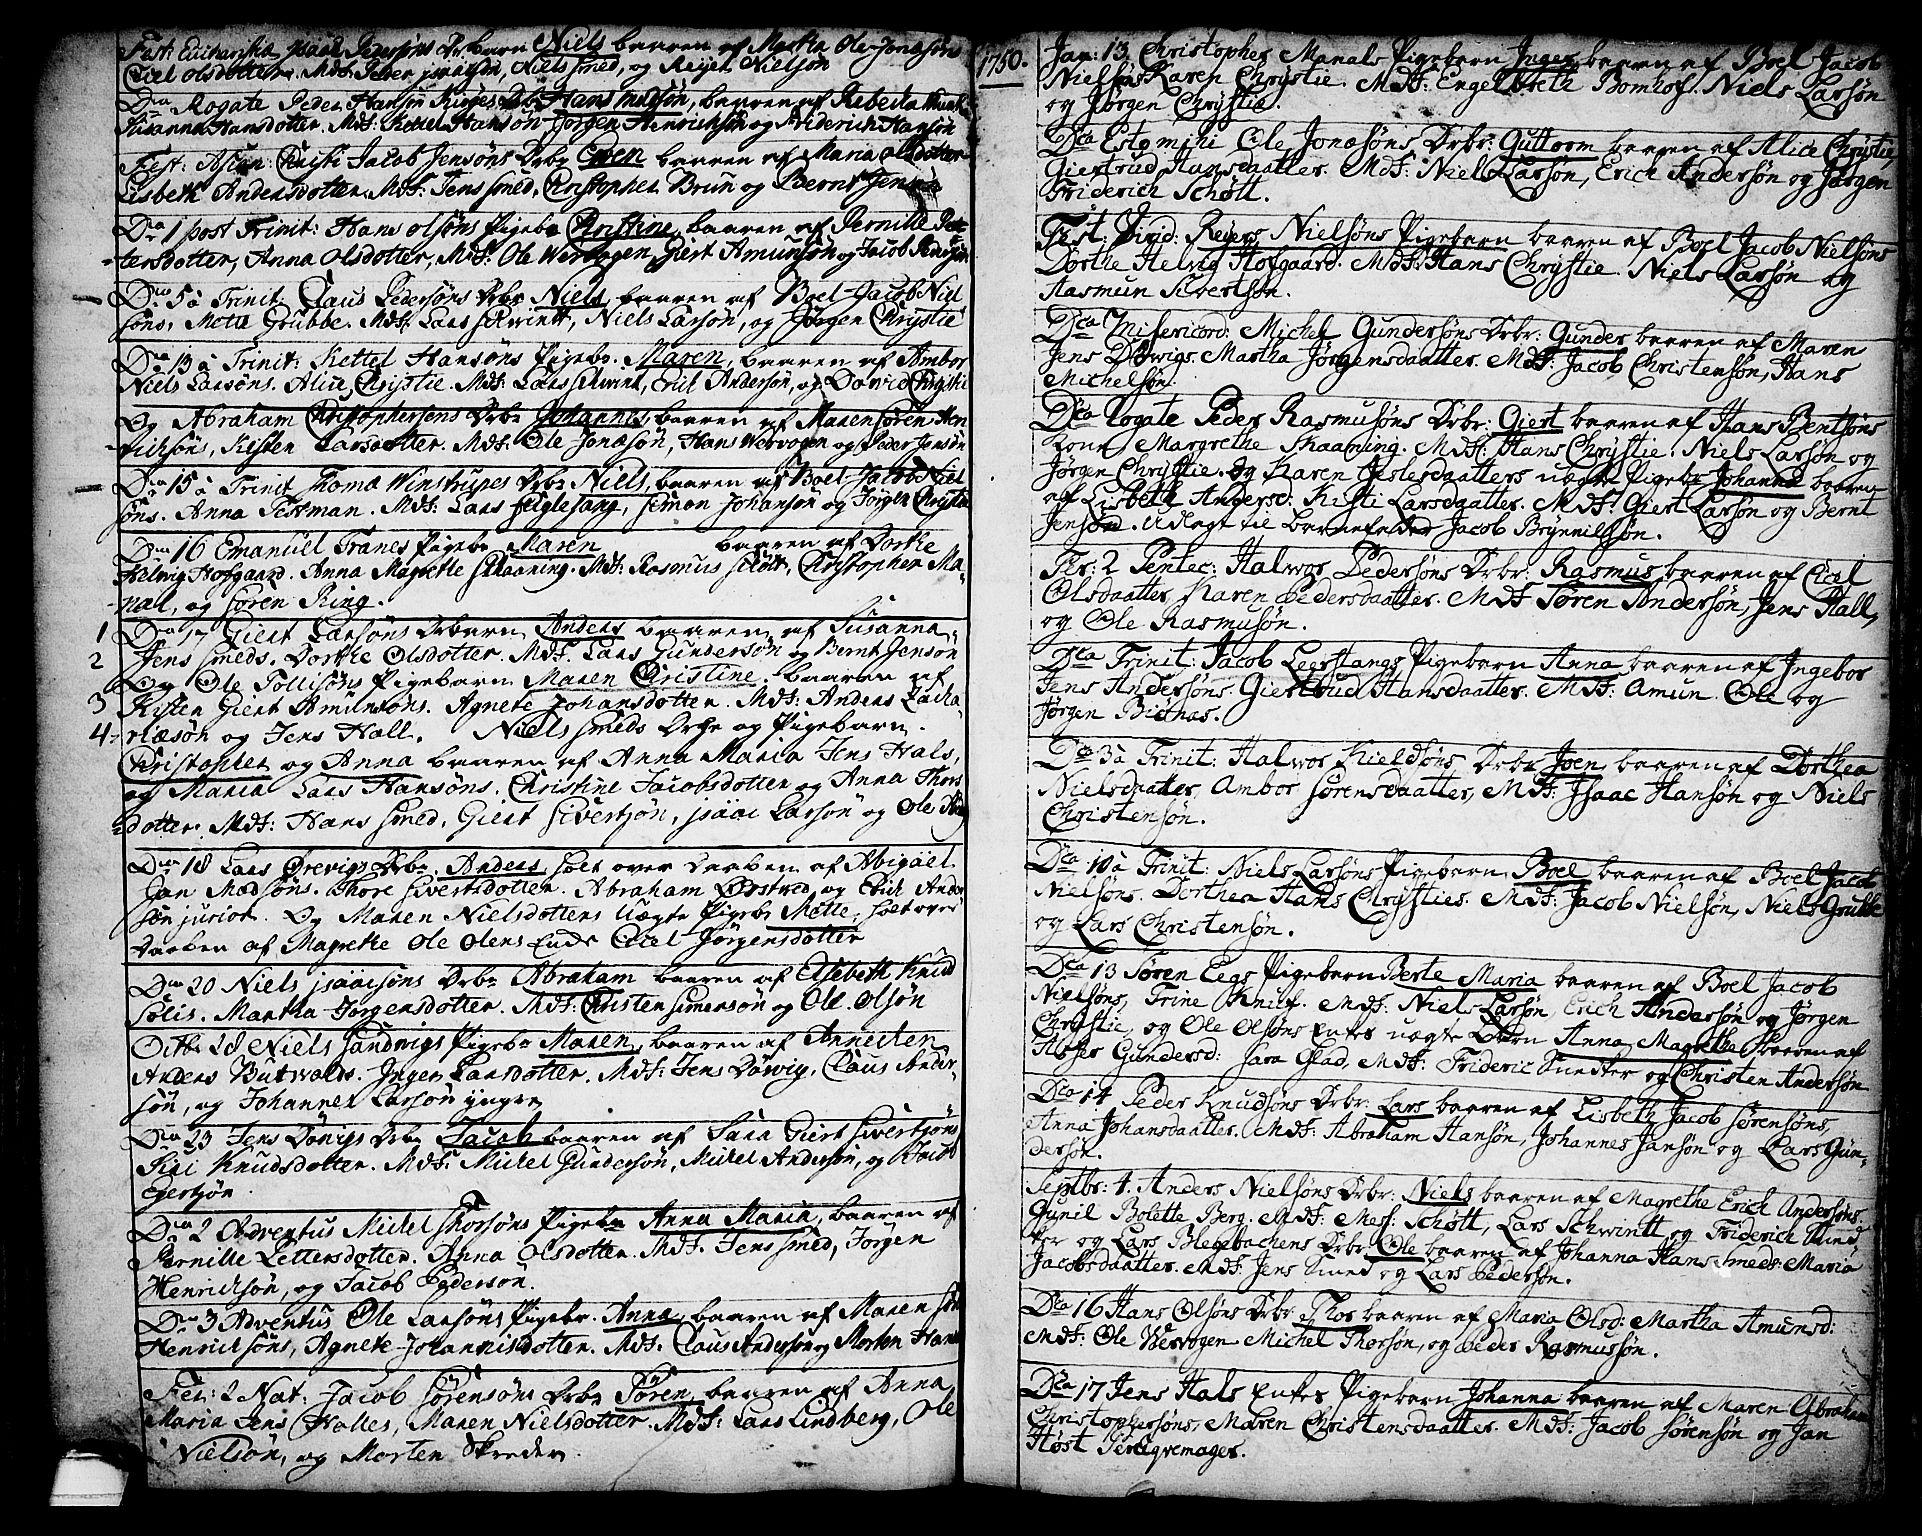 SAKO, Brevik kirkebøker, F/Fa/L0002: Ministerialbok nr. 2, 1720-1764, s. 34s